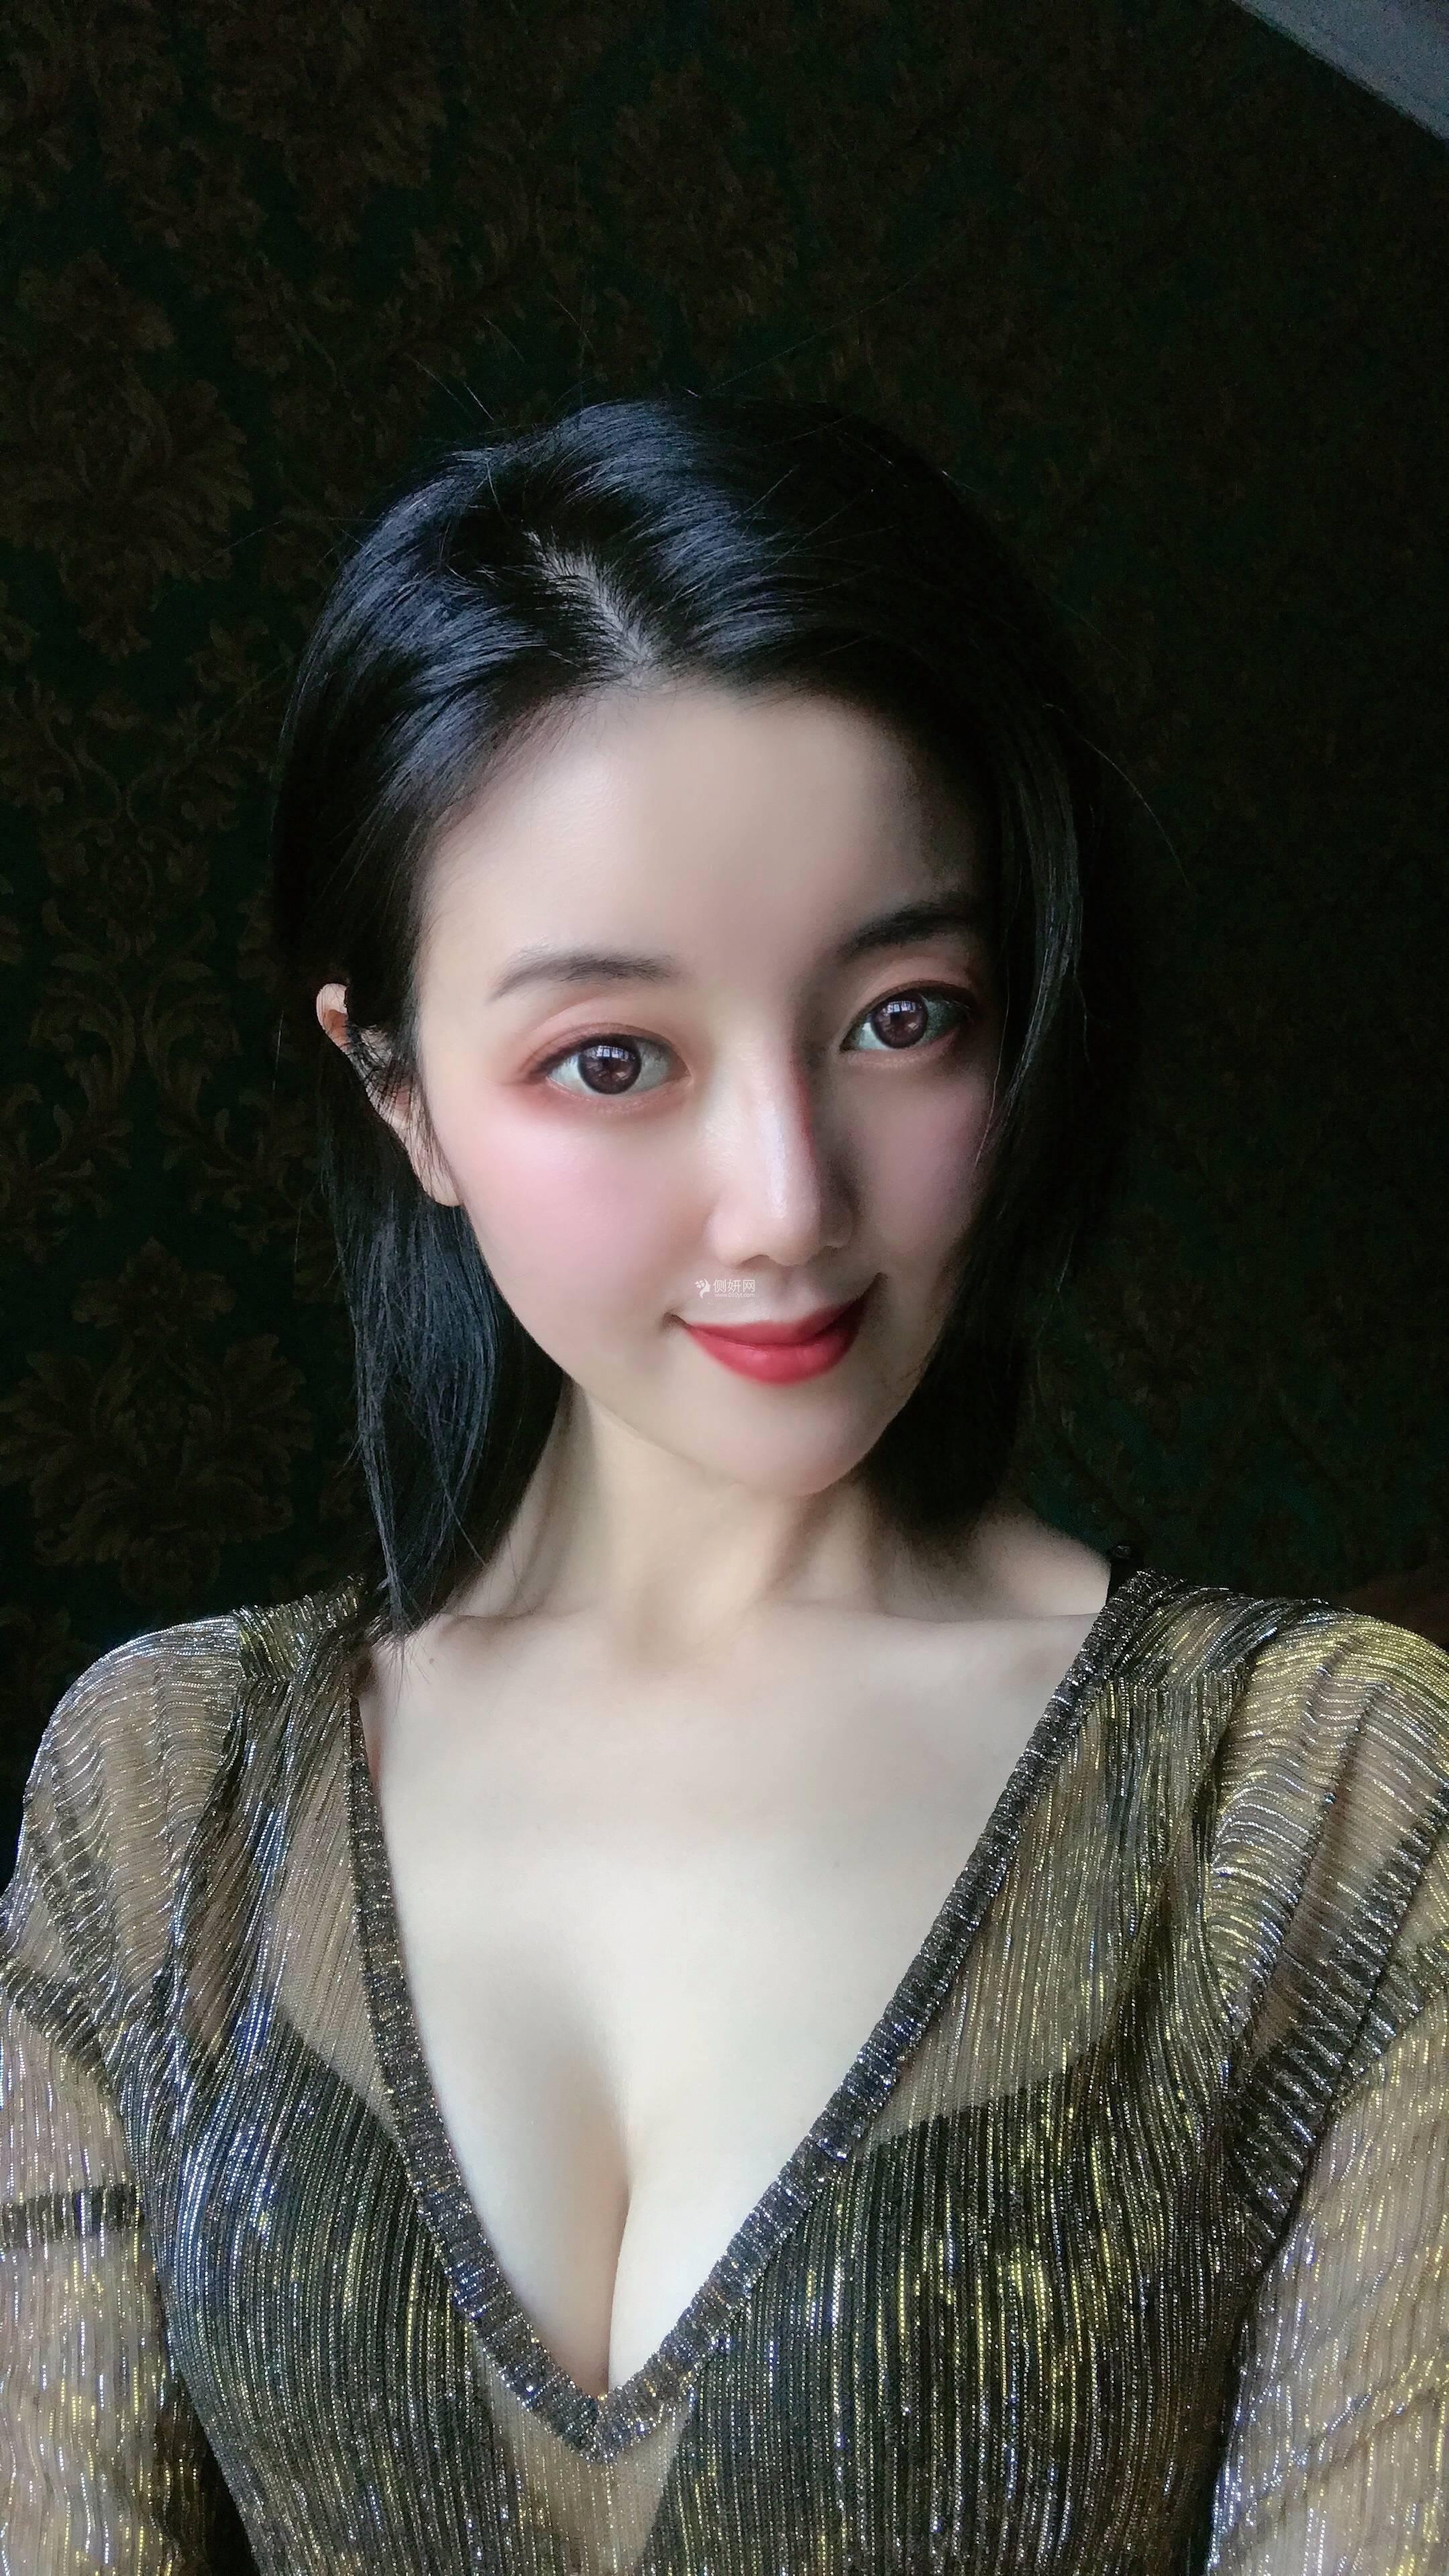 中韩甘肃JK整形美容中心隆胸价格/整形专家排名